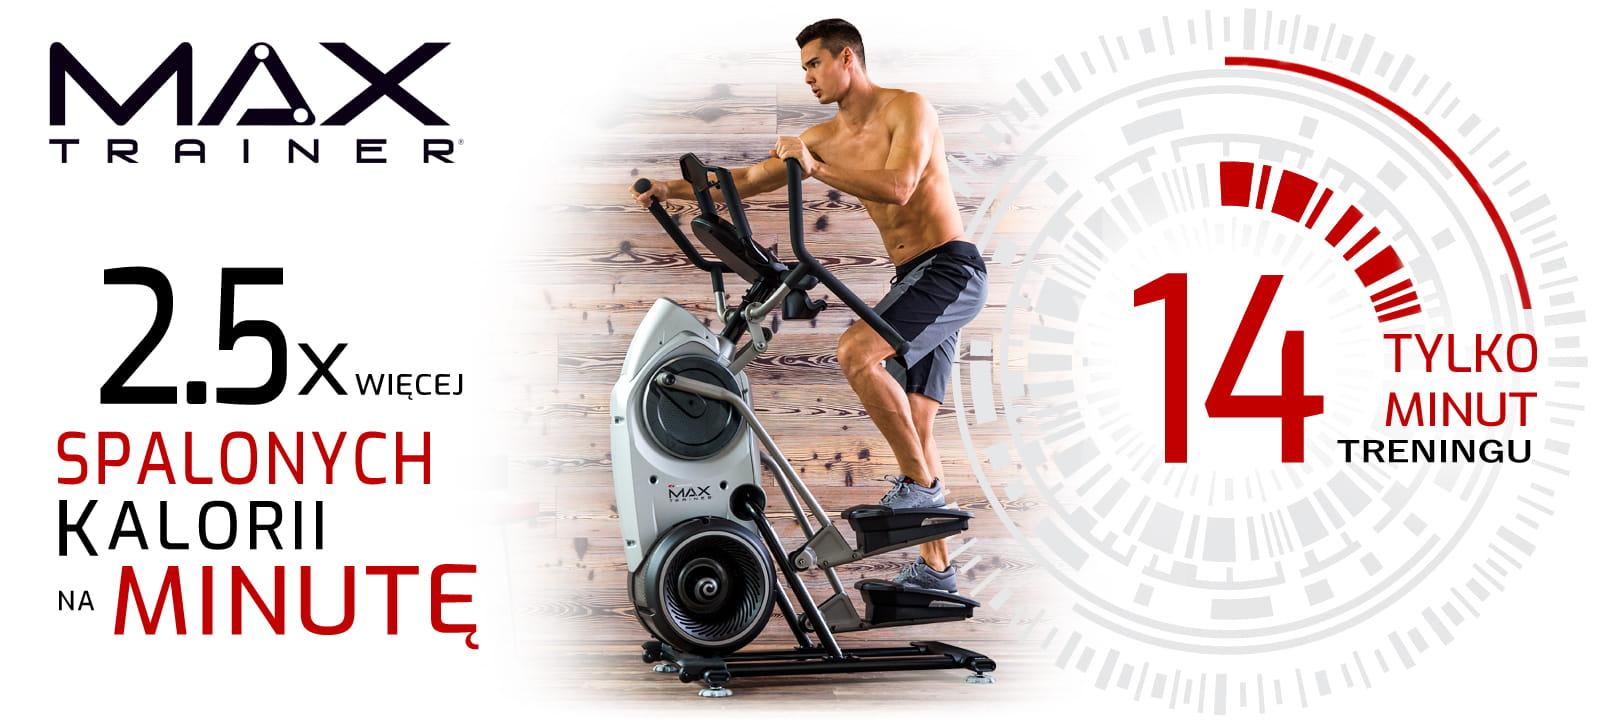 bowflex_max-trainer_M7i_14minutowy-trening-intro.jpg